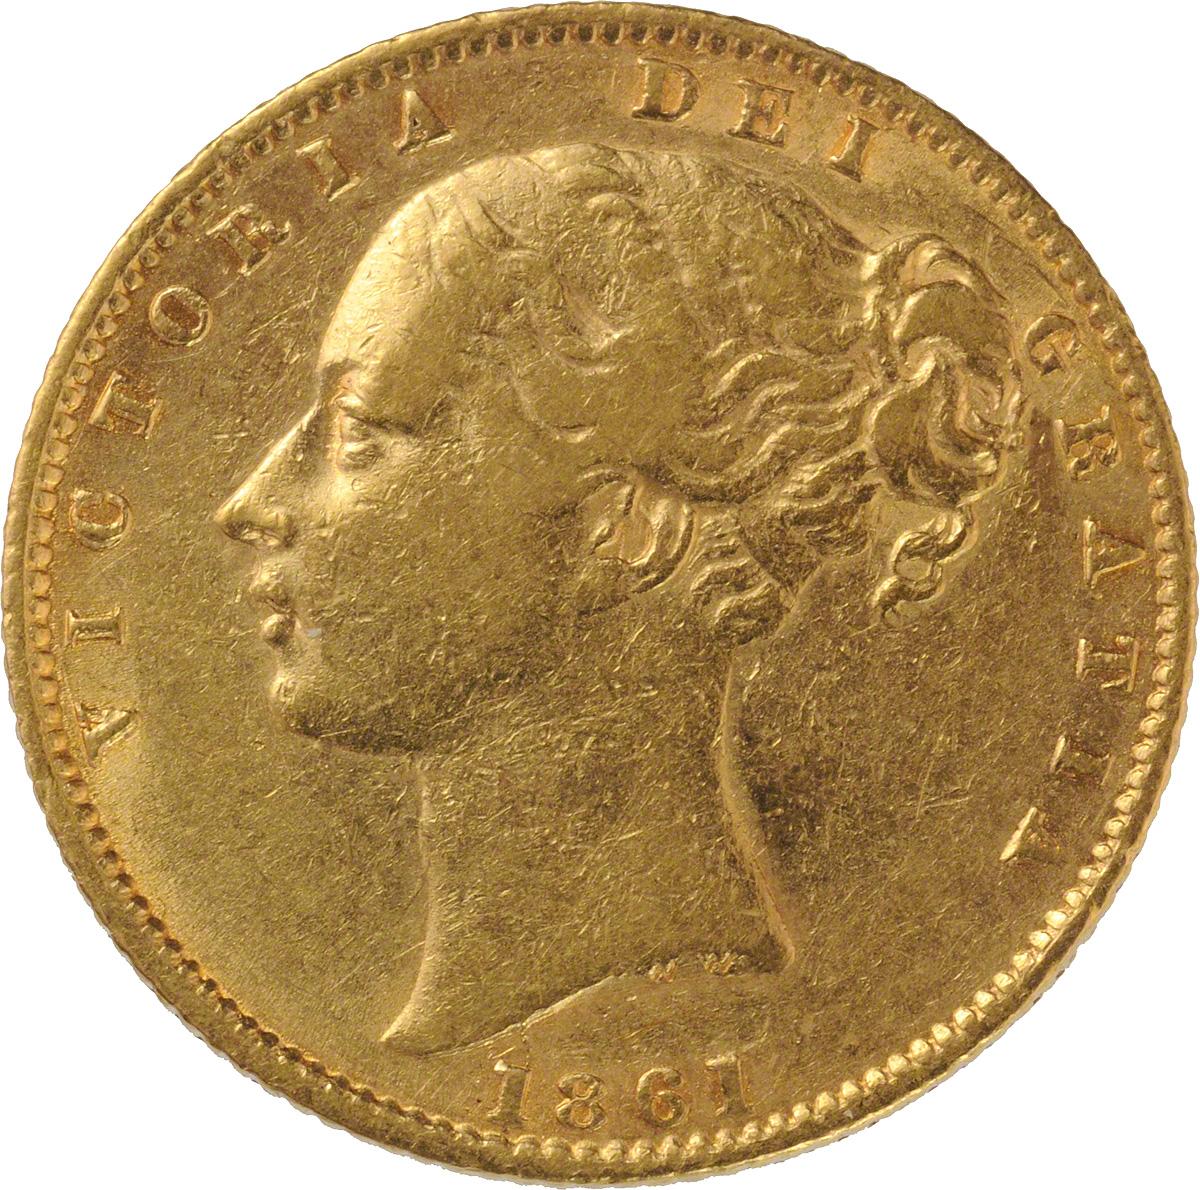 1861 Βικτώρια (Νομισματοκοπείο Λονδίνου)